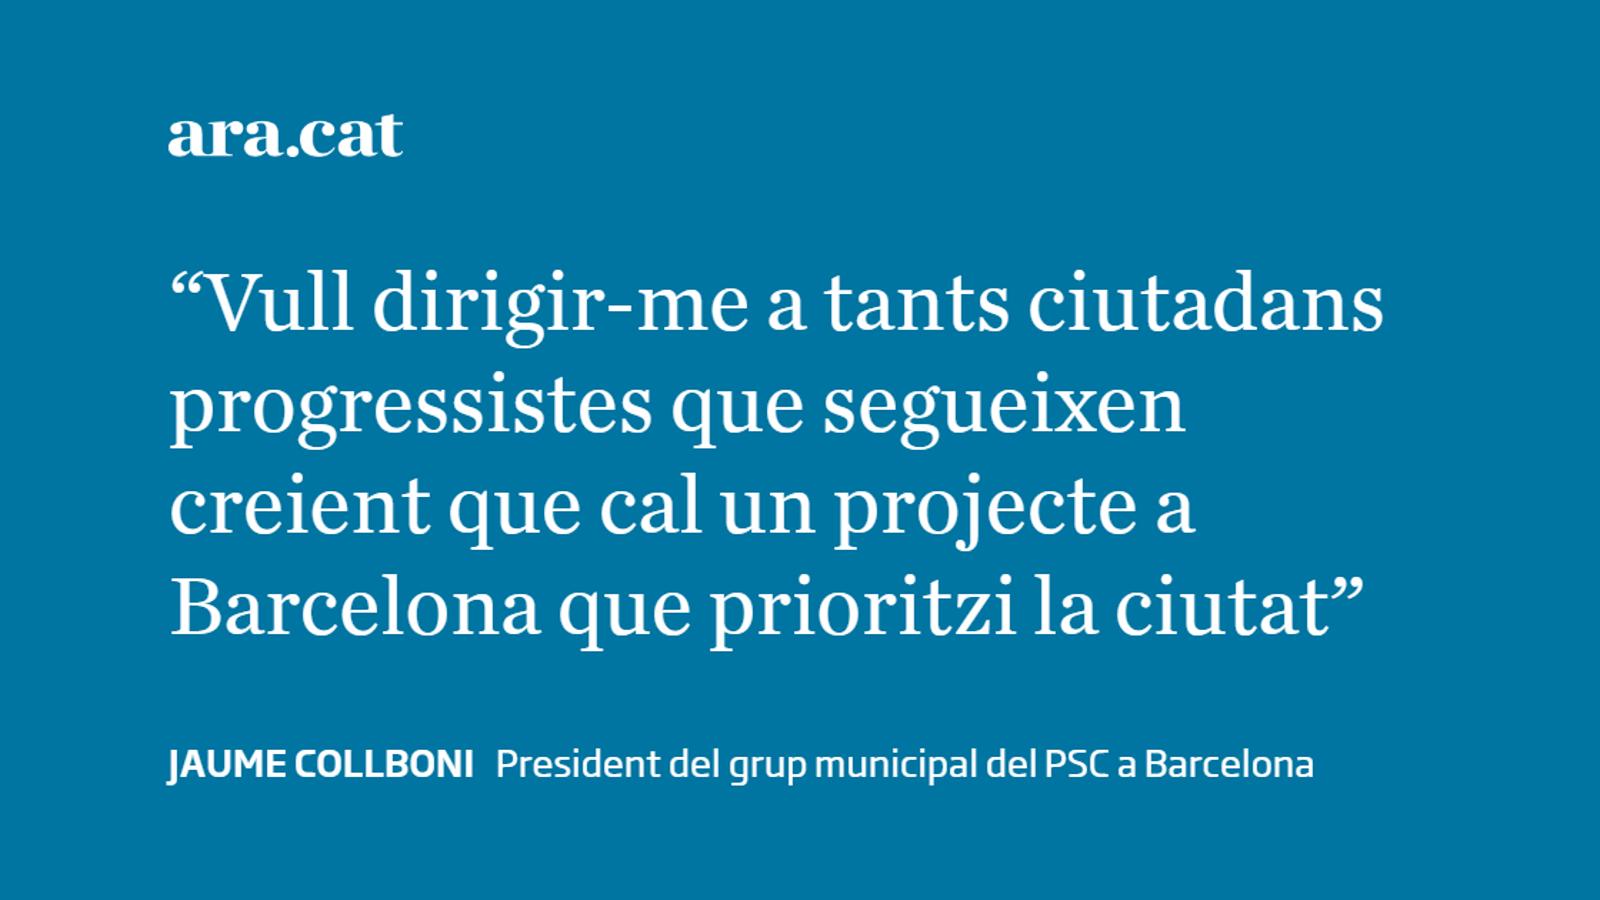 Per Barcelona, des de l'esquerra